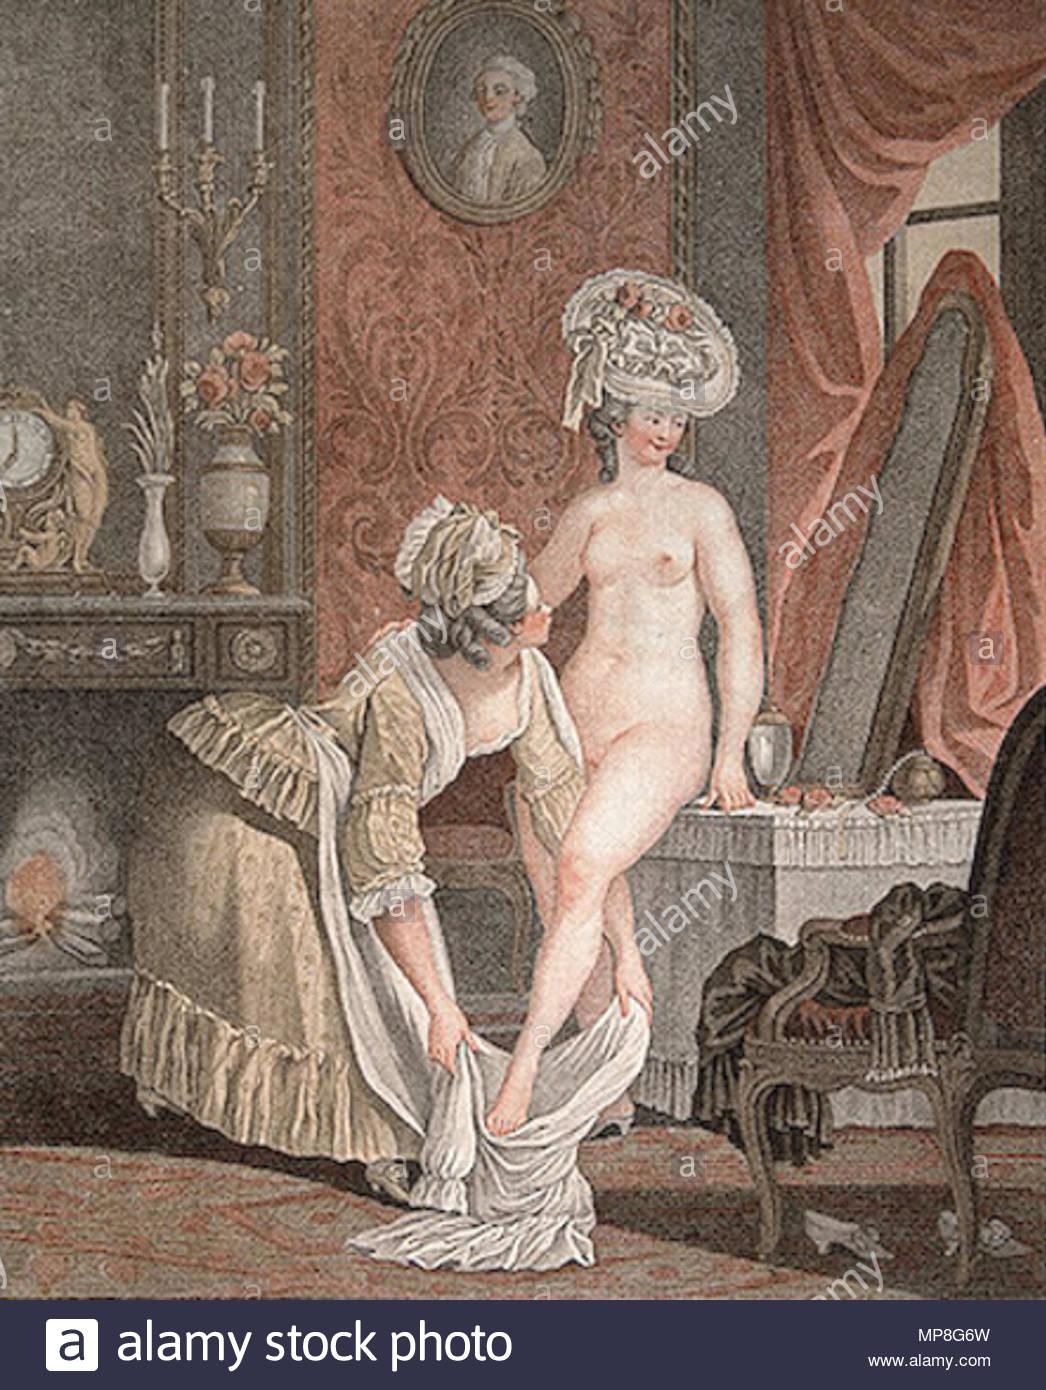 Best of 18 Century Erotica